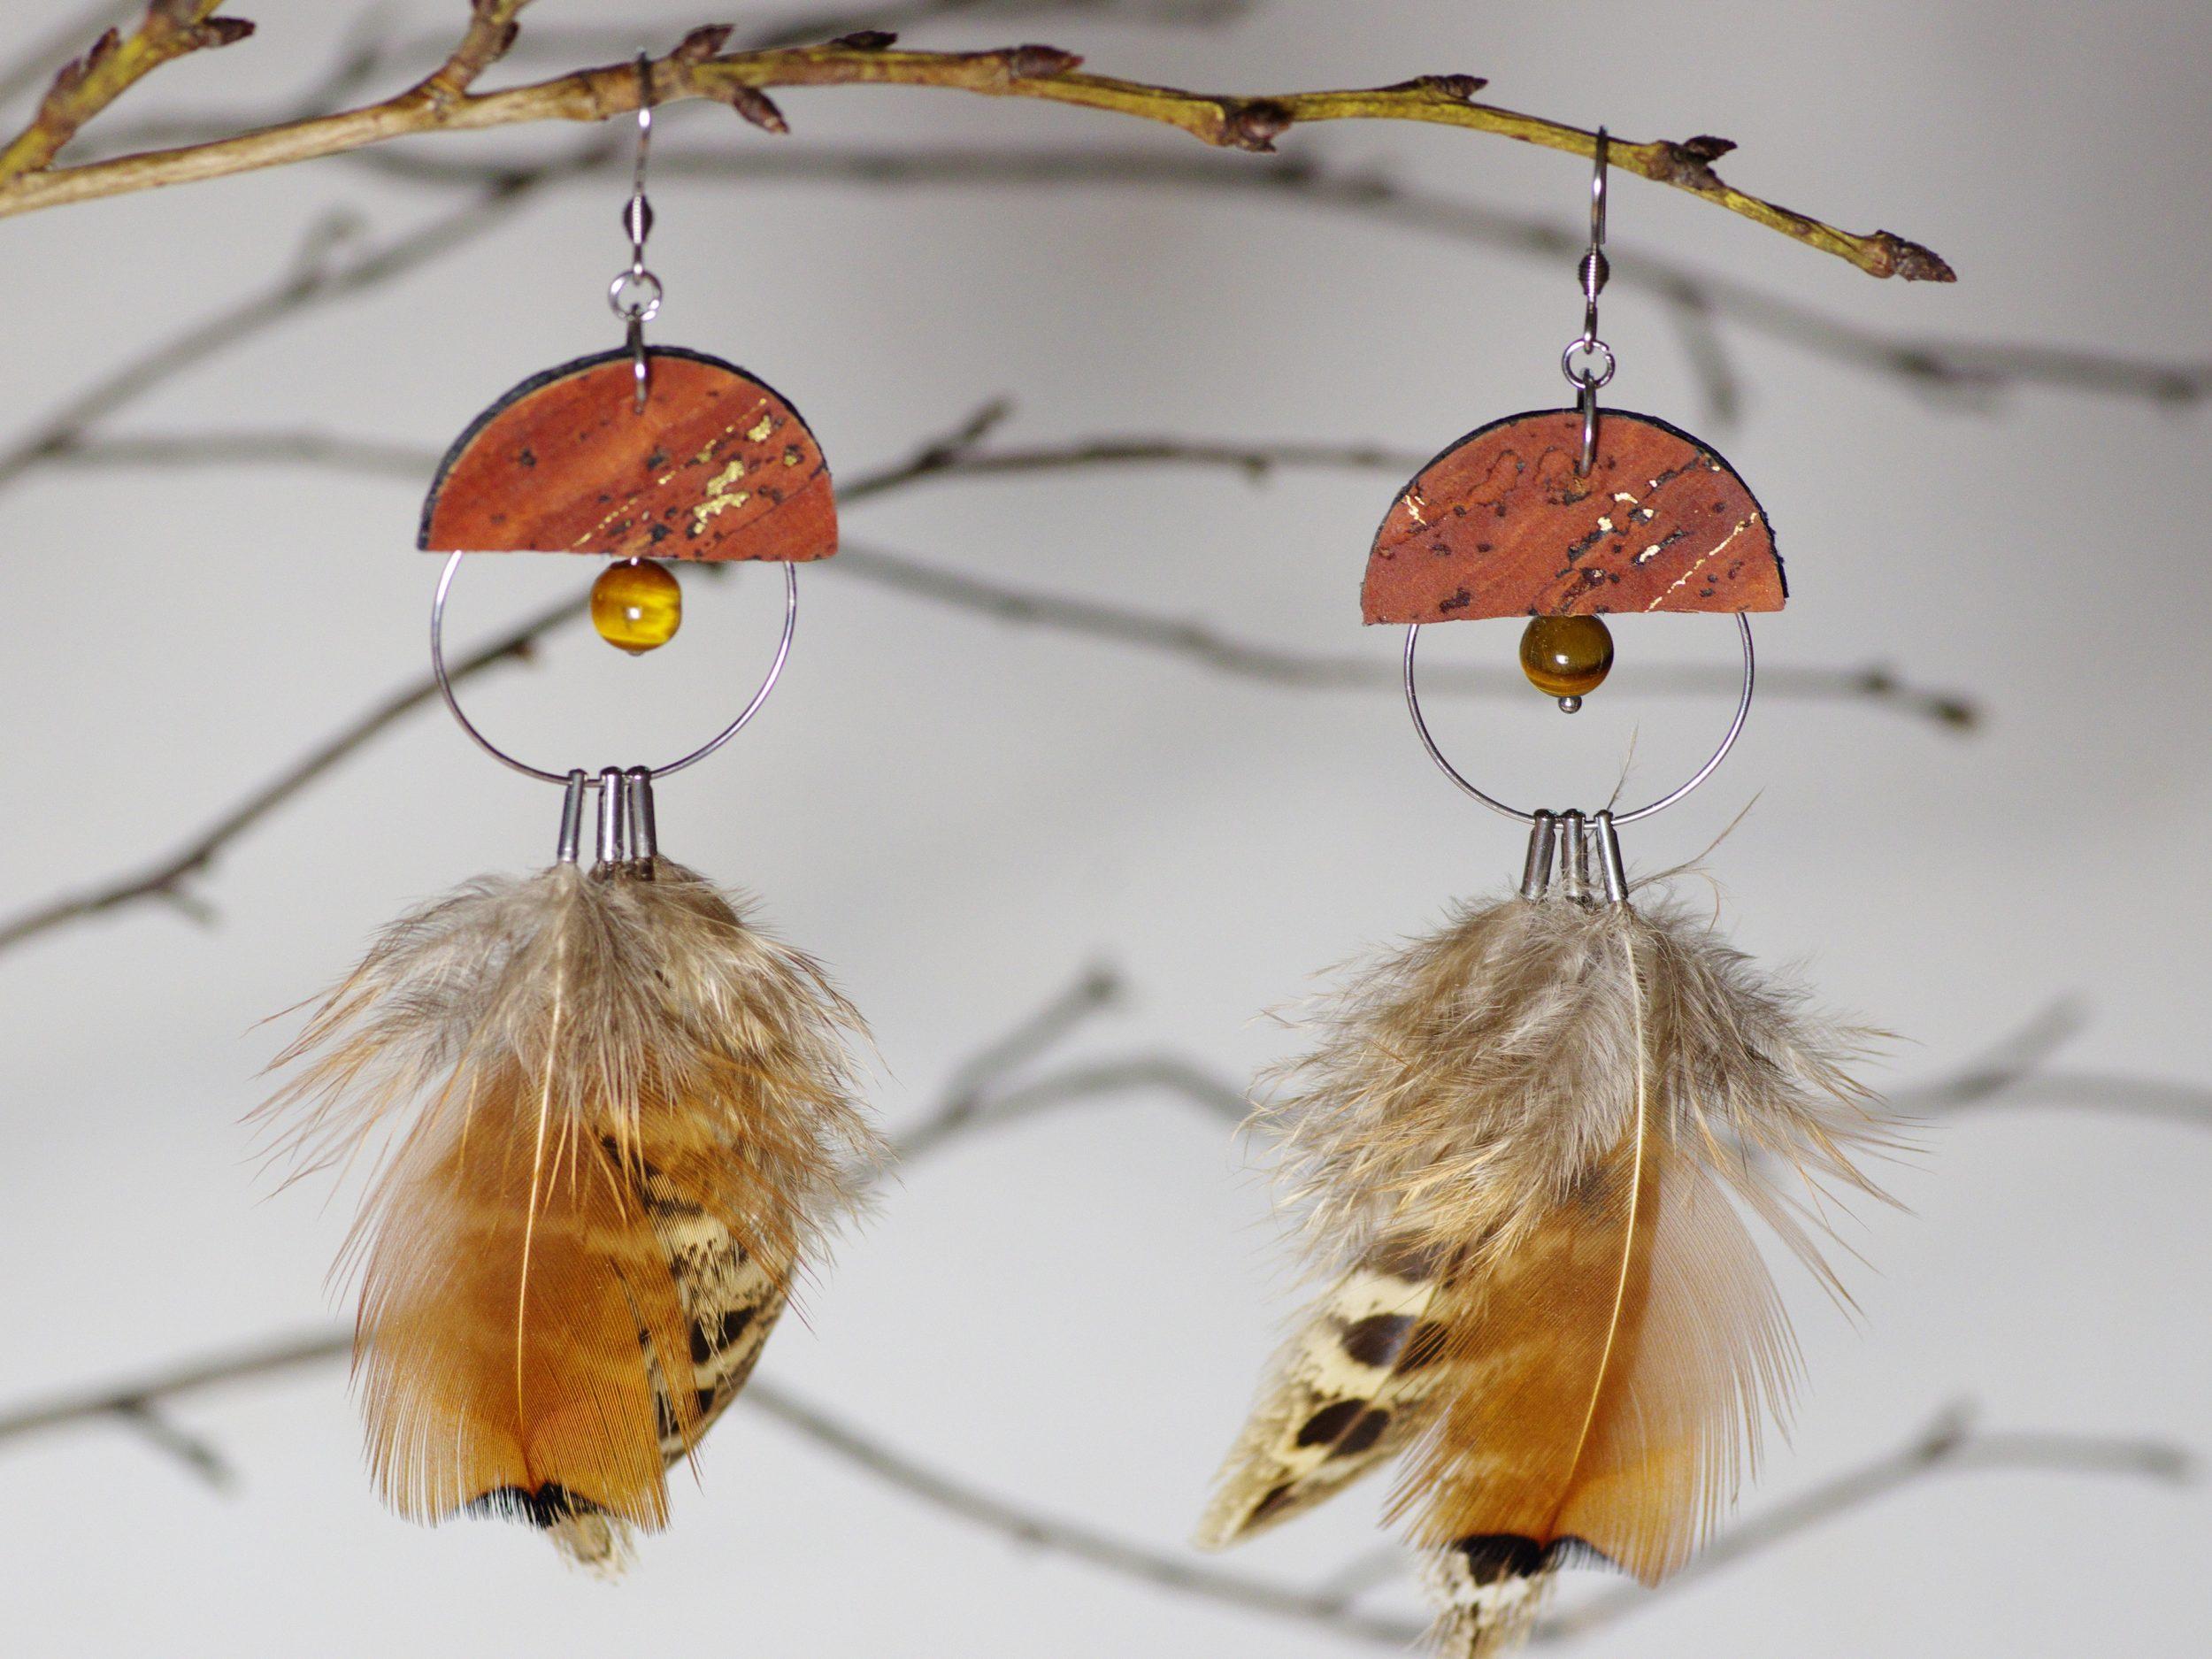 boucles d'oreilles chouette marron chaque boucle est la moitié d'une chouette. Plumes marron et beige, liège marron